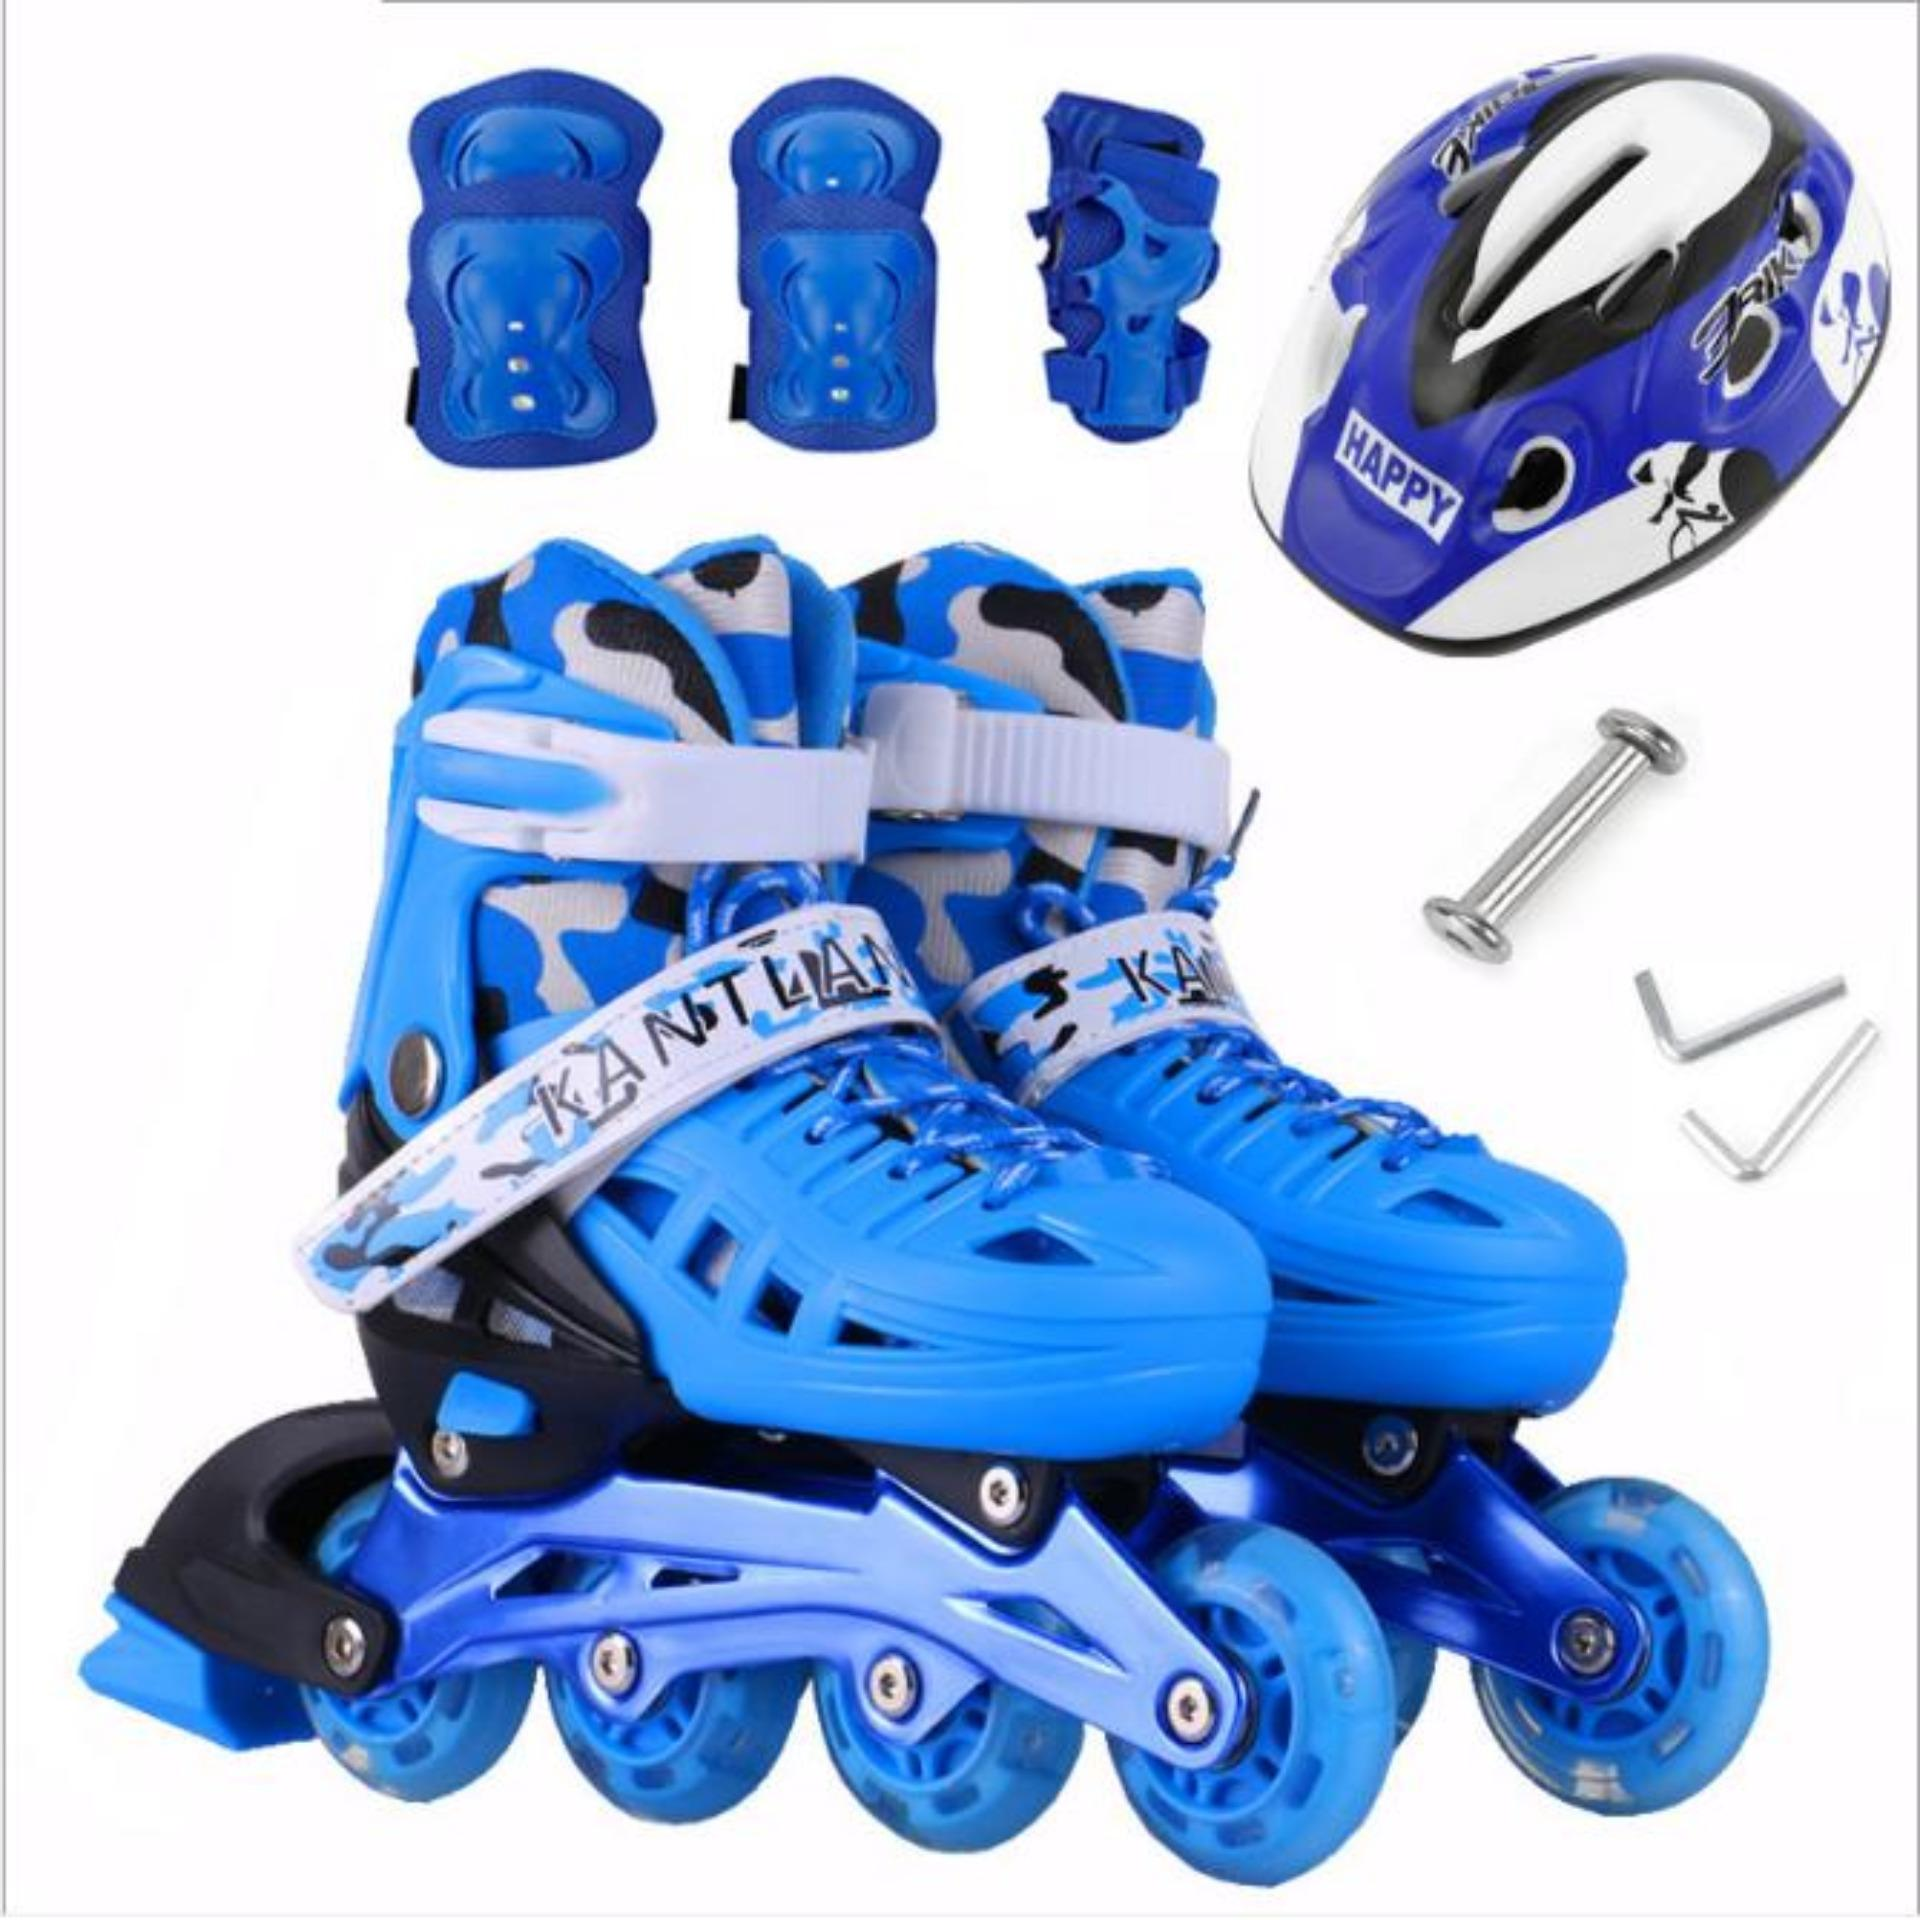 Shop ban giay patin,giá bán giày trượt patin - Giày Patin Trẻ Em, Chắc Chắn, Ôm Sát Chân Chân,  Giúp Bé Vui Chơi Thỏa Thích Mà Lại An Toàn, Sản Phẩm Cao Cấp -Tặng Kèm Bộ Bảo Hộ Đáng Yêu  - Mẫu Mới 2072